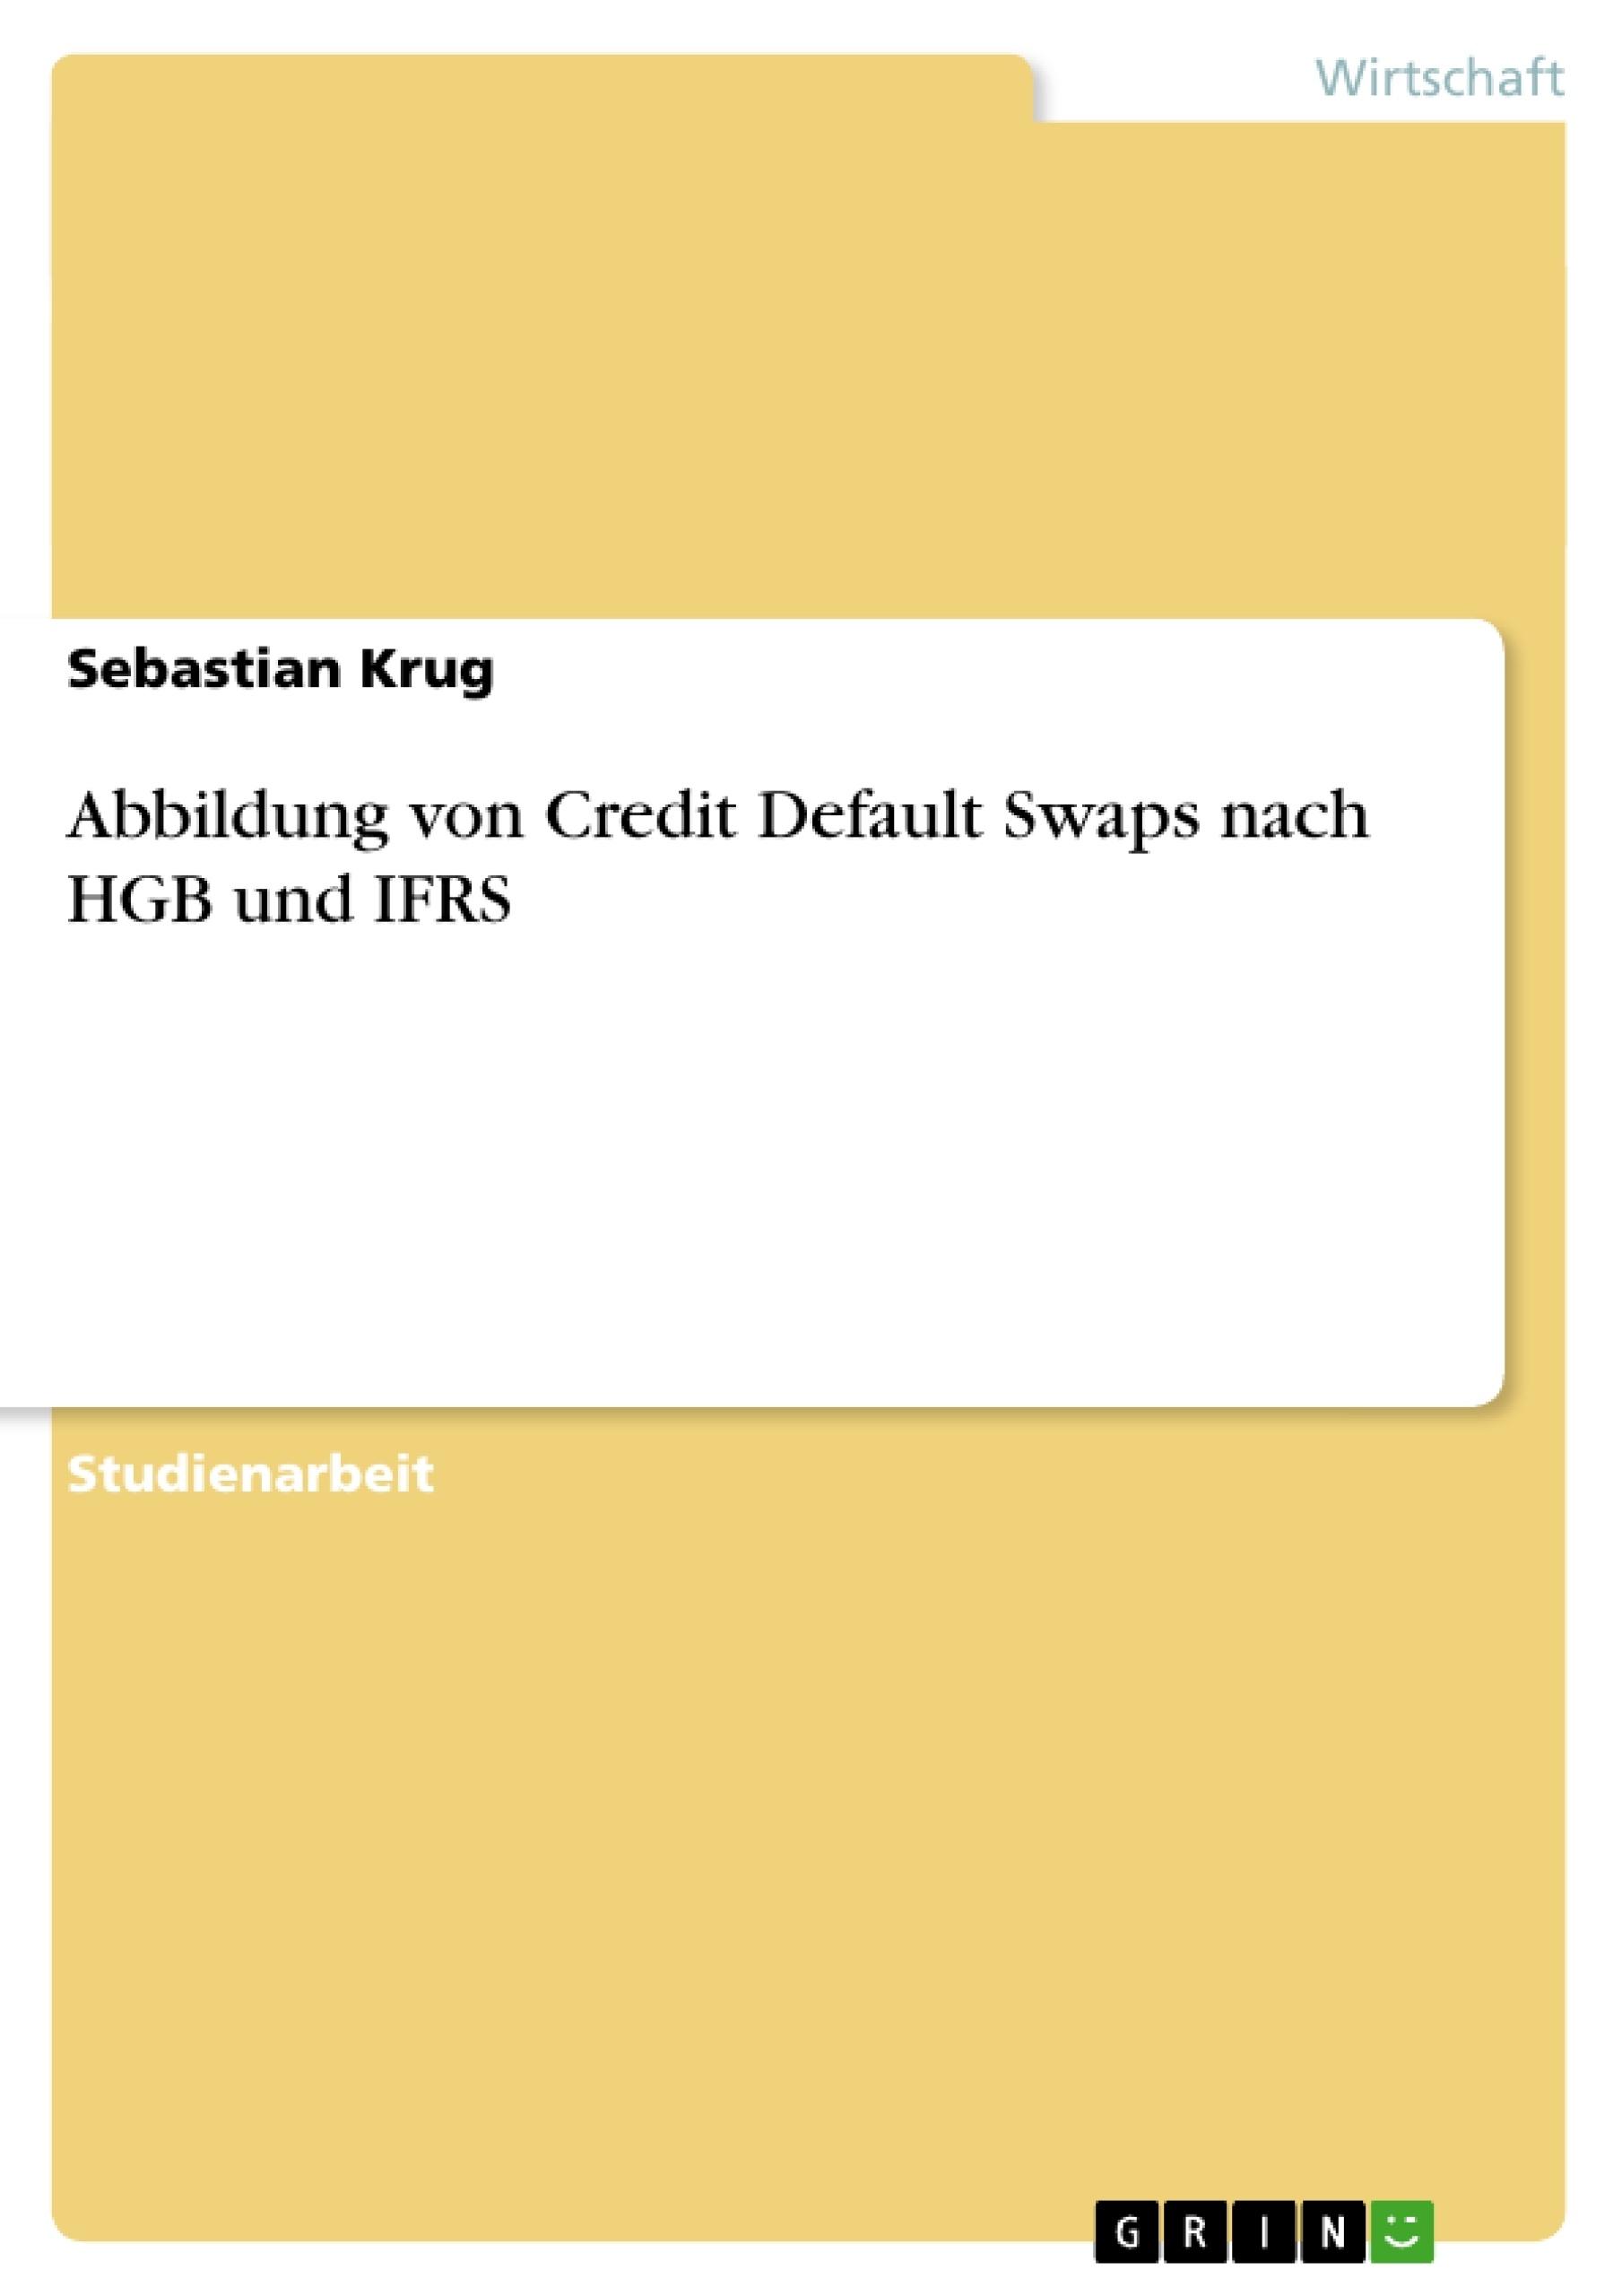 Titel: Abbildung von Credit Default Swaps nach HGB und IFRS